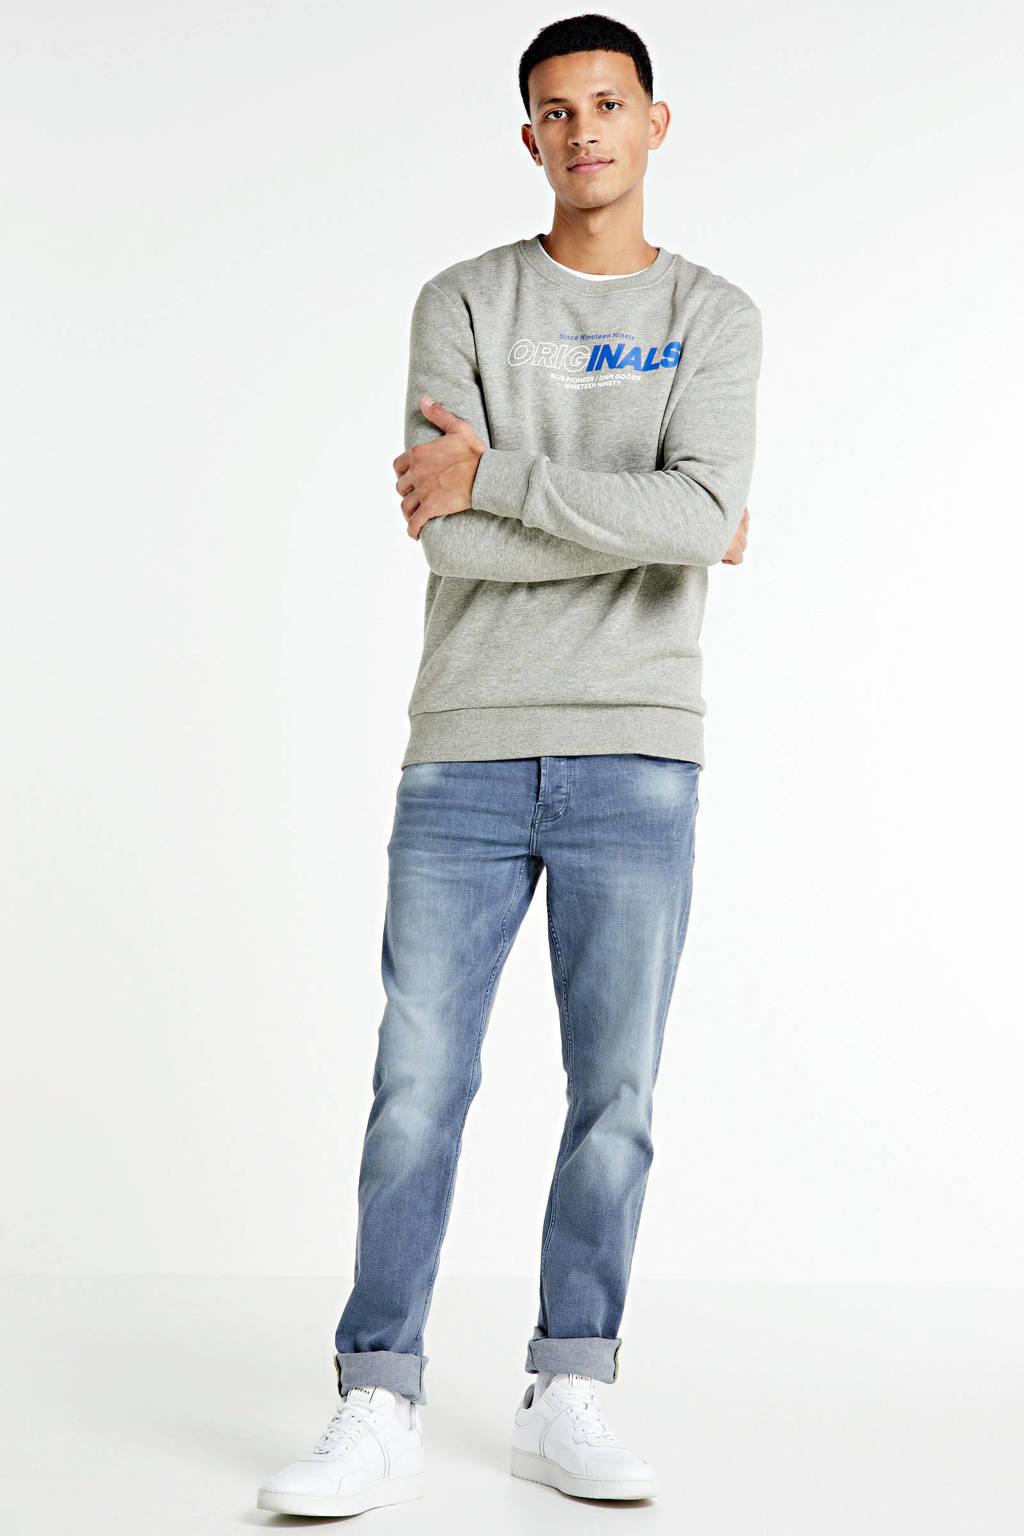 JACK & JONES ORIGINALS sweater met printopdruk grijs melange, Grijs melange